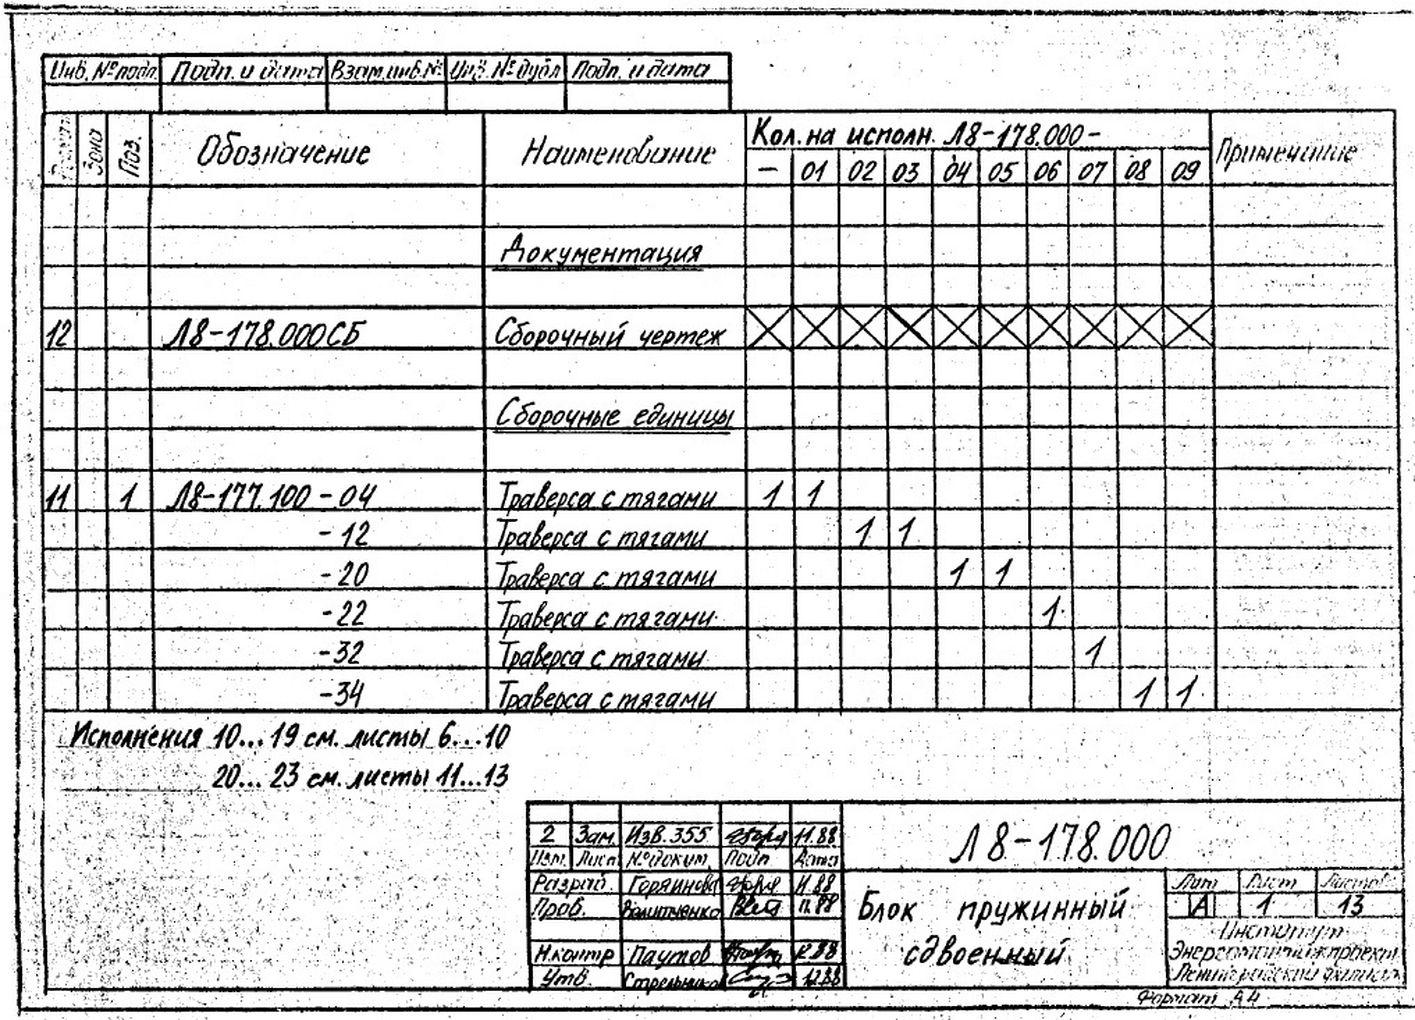 Блоки пружинные сдвоенные Л8-178.000 стр.2